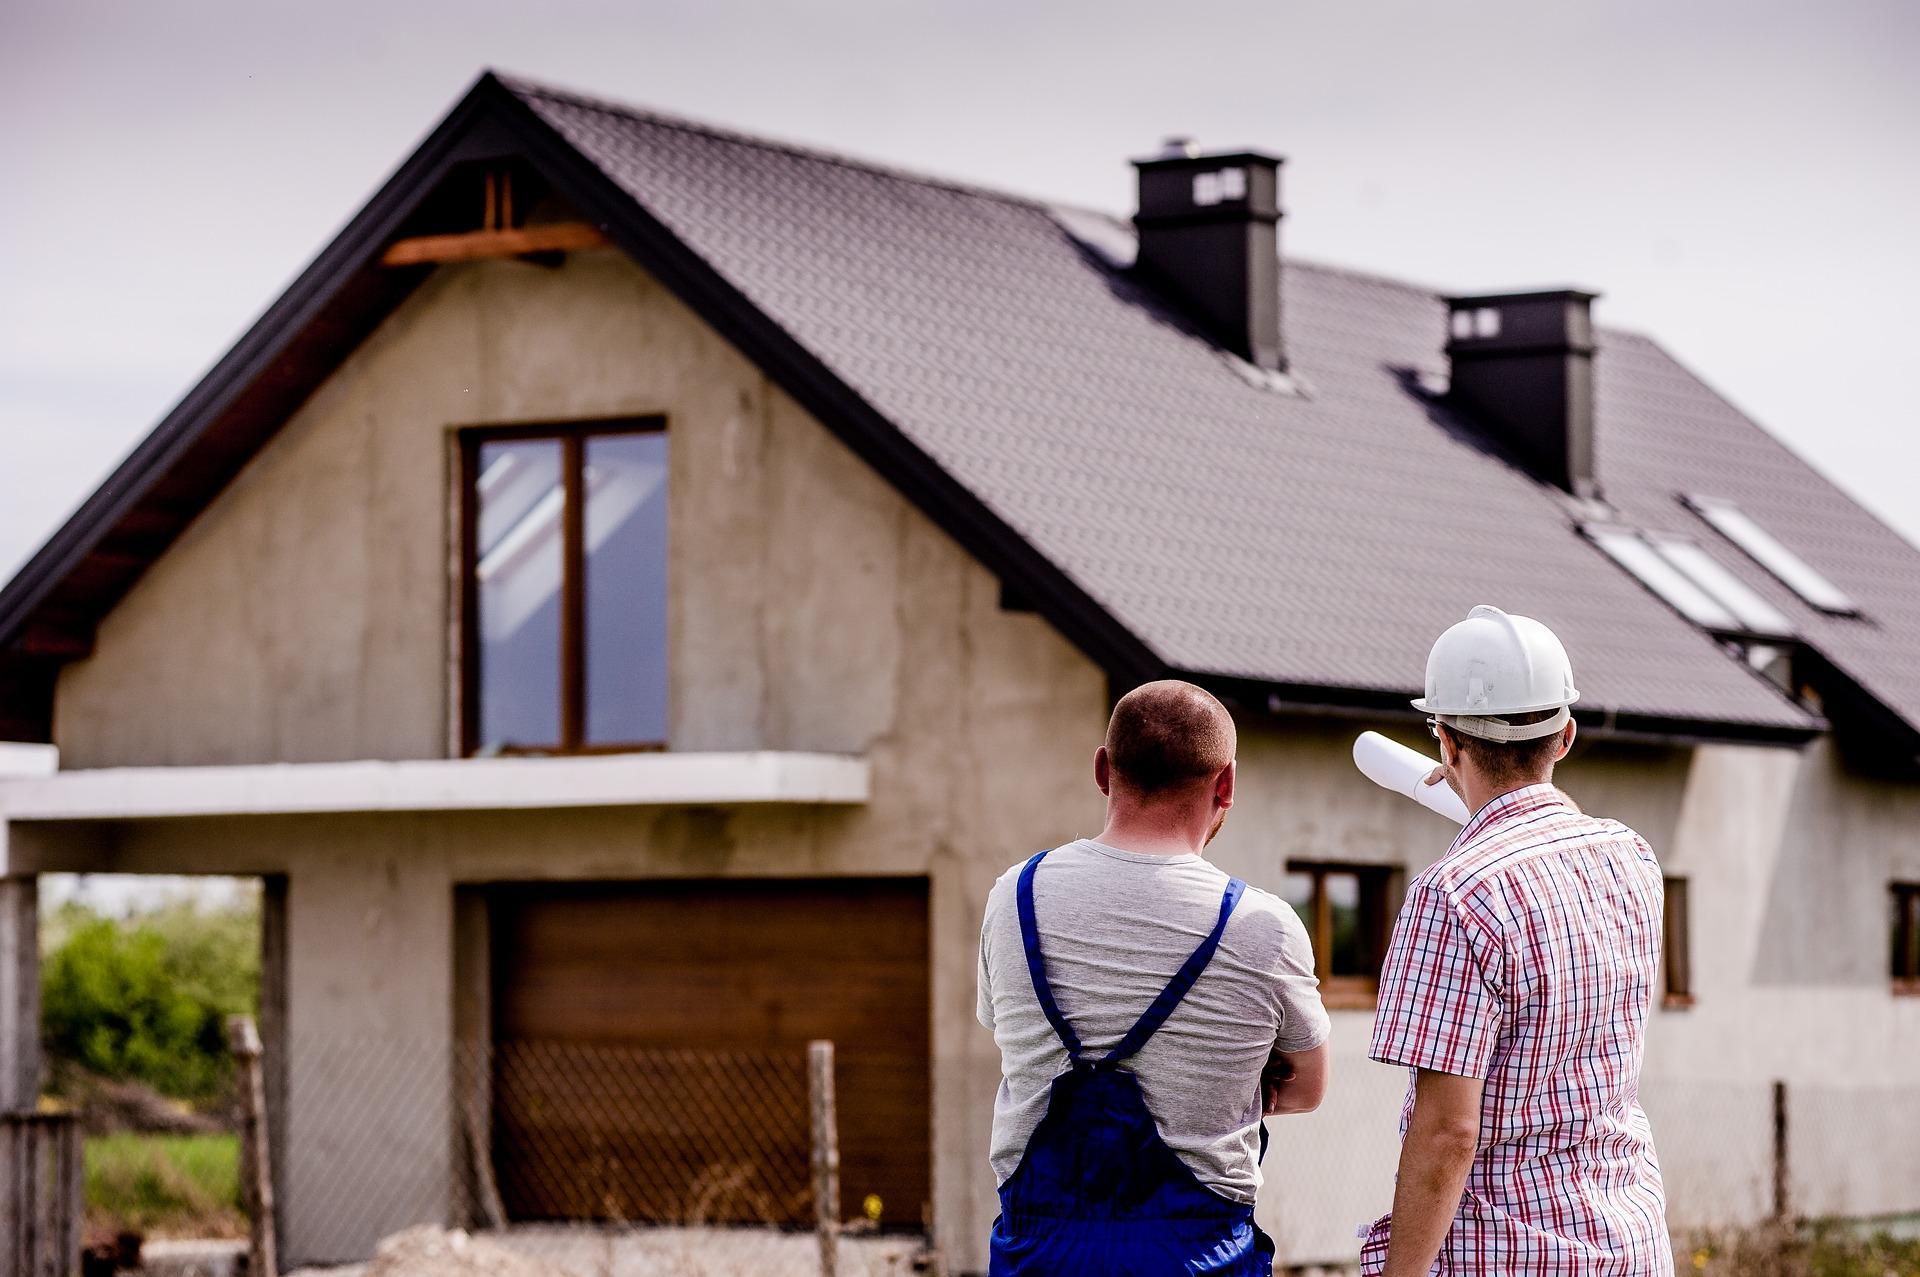 Bild Haus und Architekt, Quelle: Bild von Michal Jarmoluk auf Pixabay